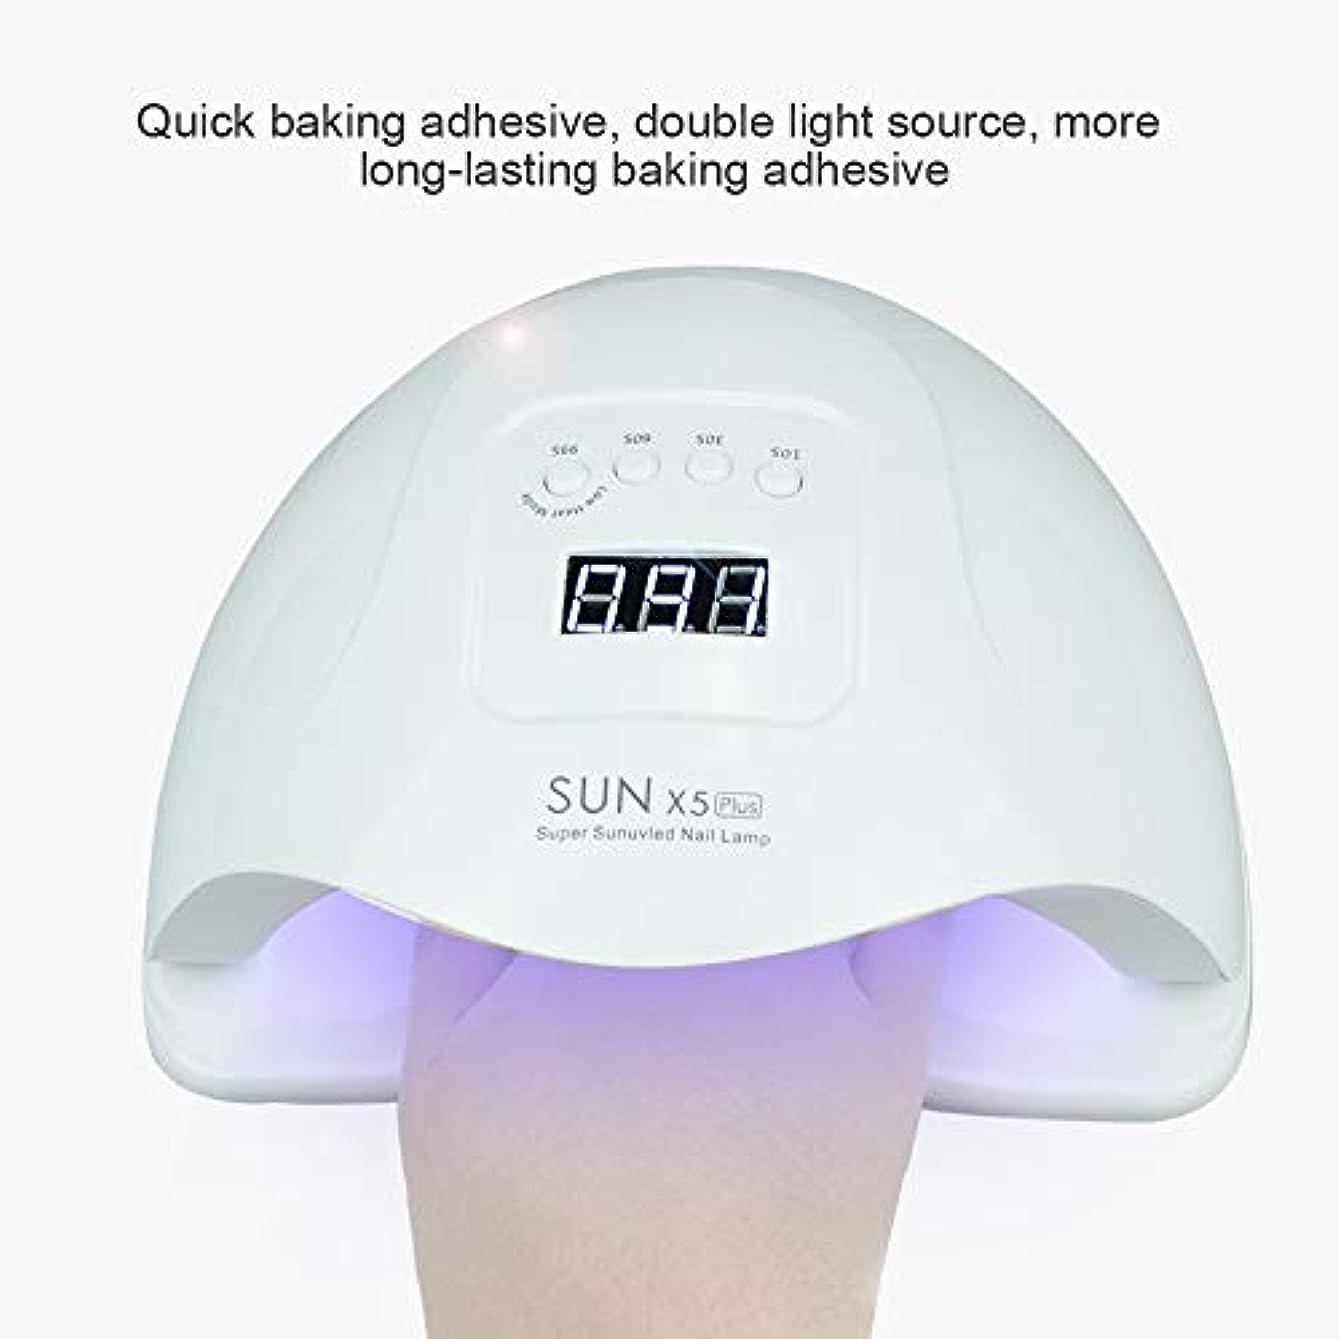 余暇カメ素朴なDecdeal ネイルドライヤー 80W UVランプ LEDランプ ネイルネイルドライヤーアートツール用 スマートポーランドセンサーライト